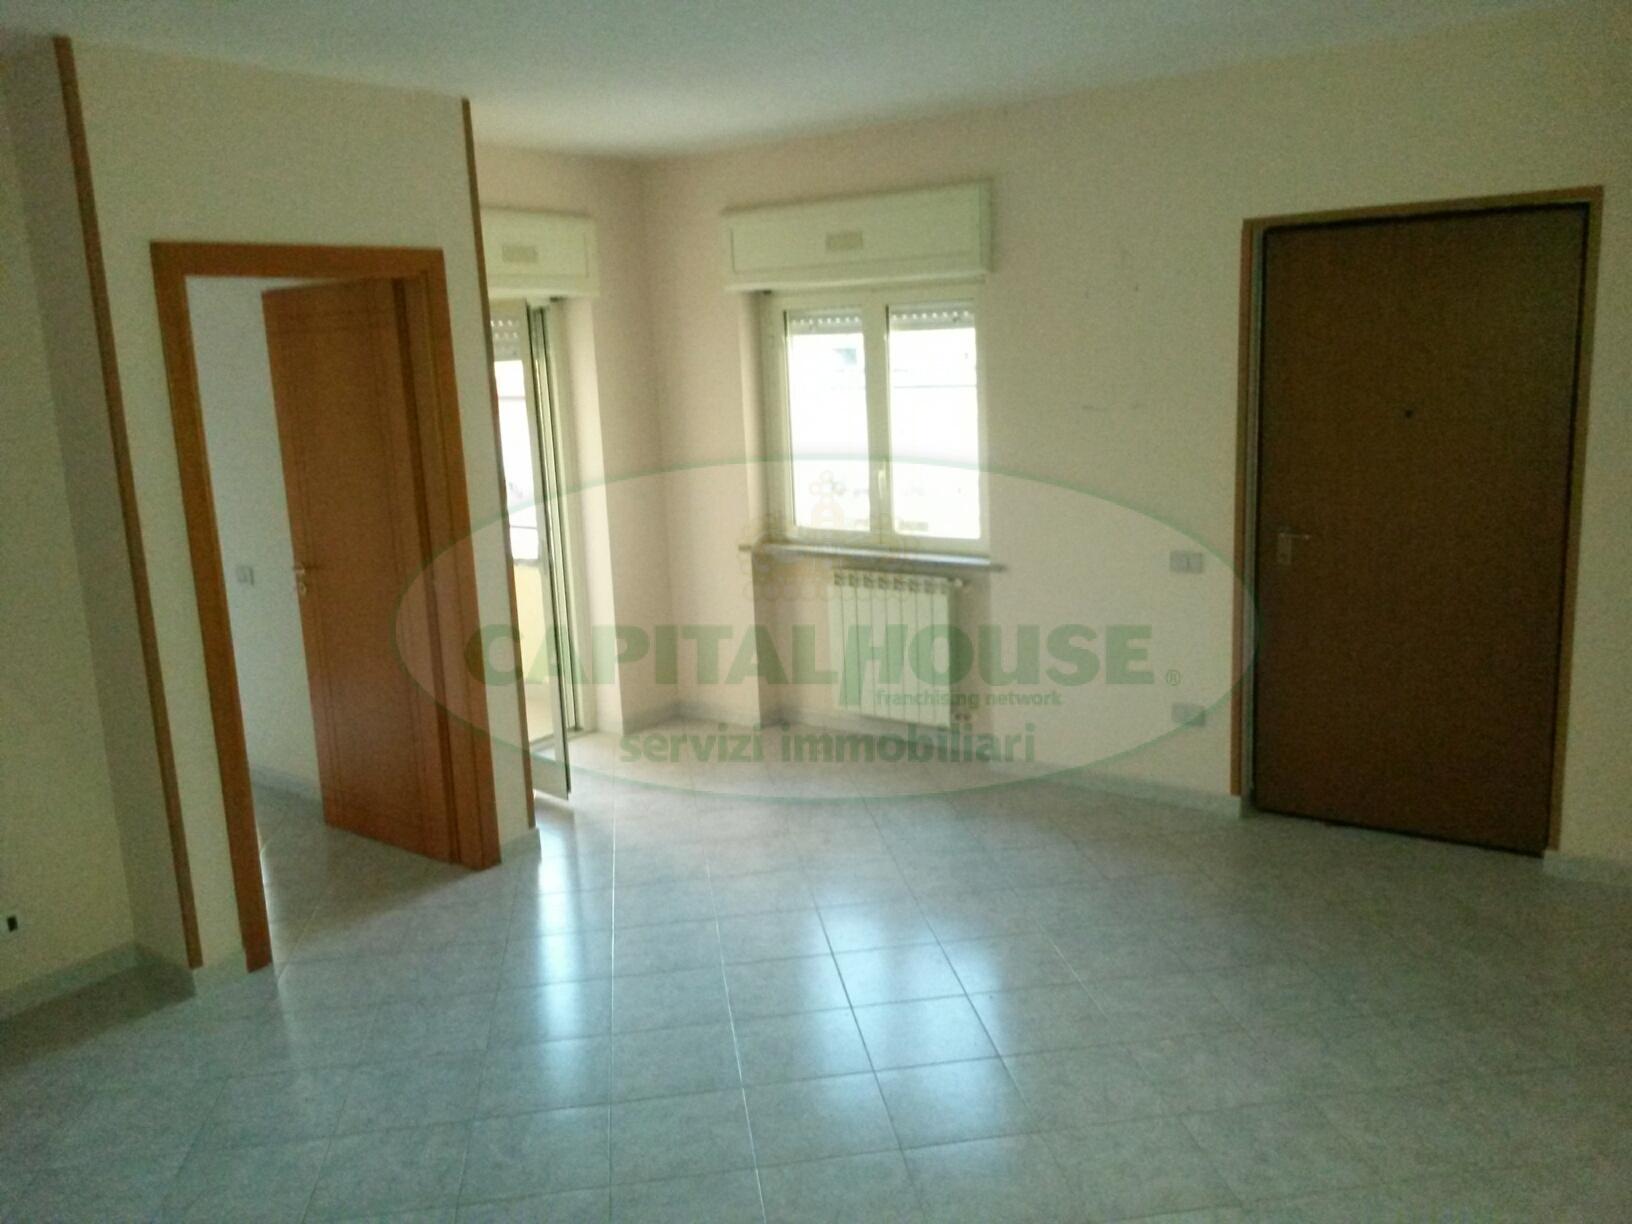 Appartamento in affitto a Macerata Campania, 3 locali, zona Zona: Casalba, prezzo € 330 | Cambio Casa.it